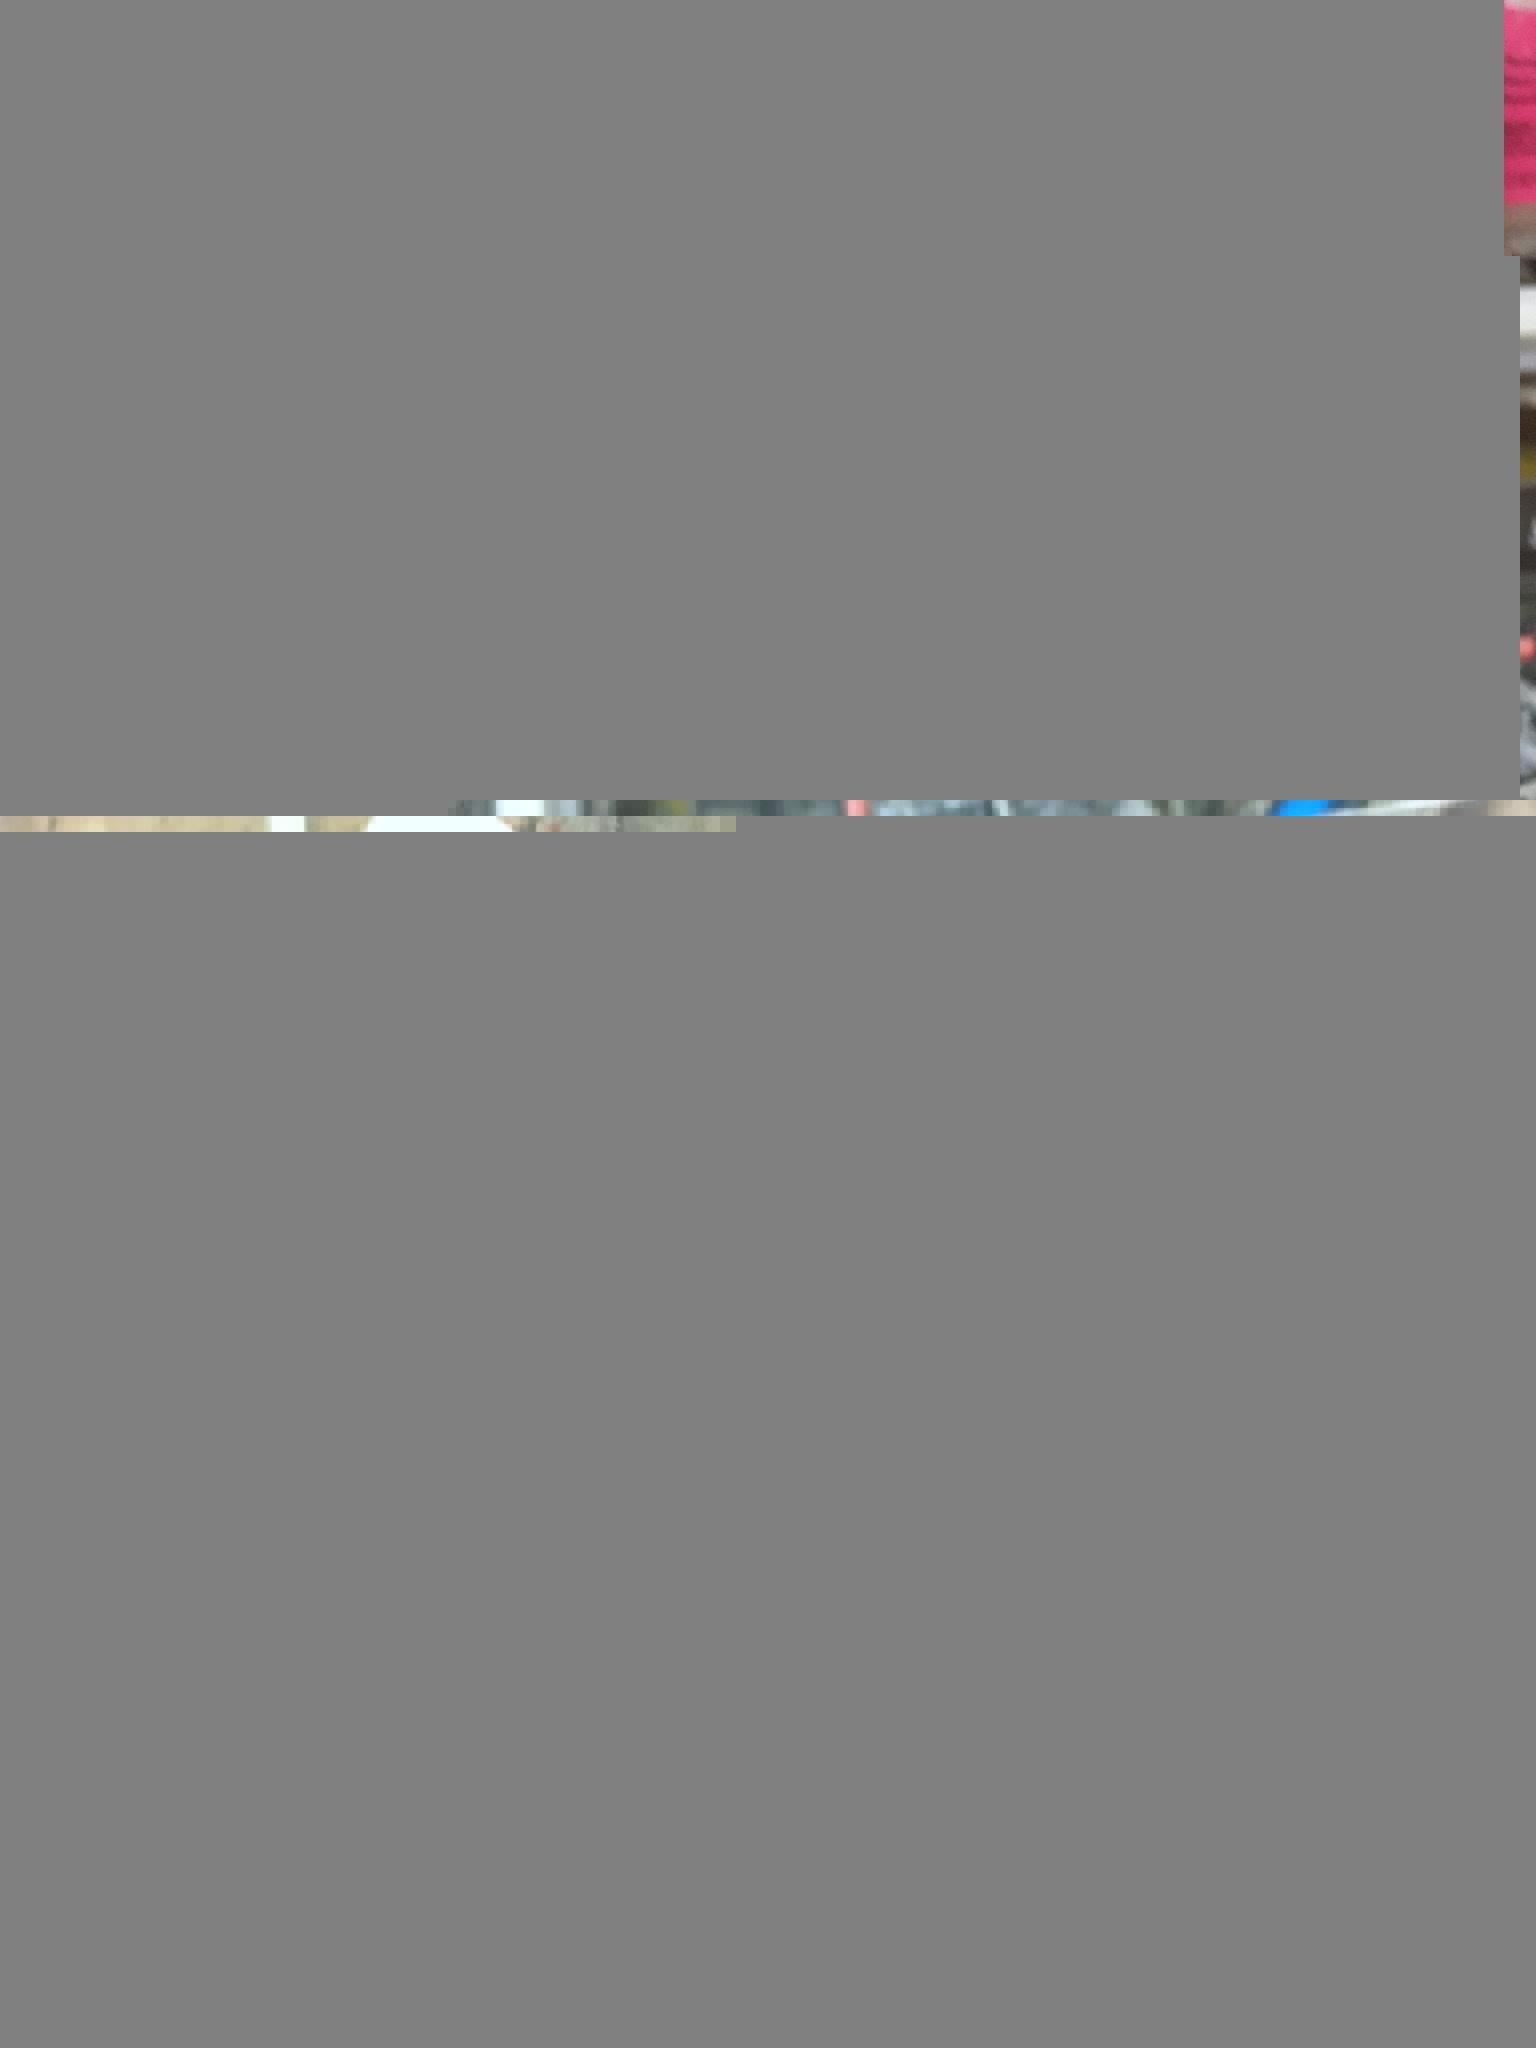 F2FE22B9-D13D-4CF1-9856-EA95549ED0CA.jpeg